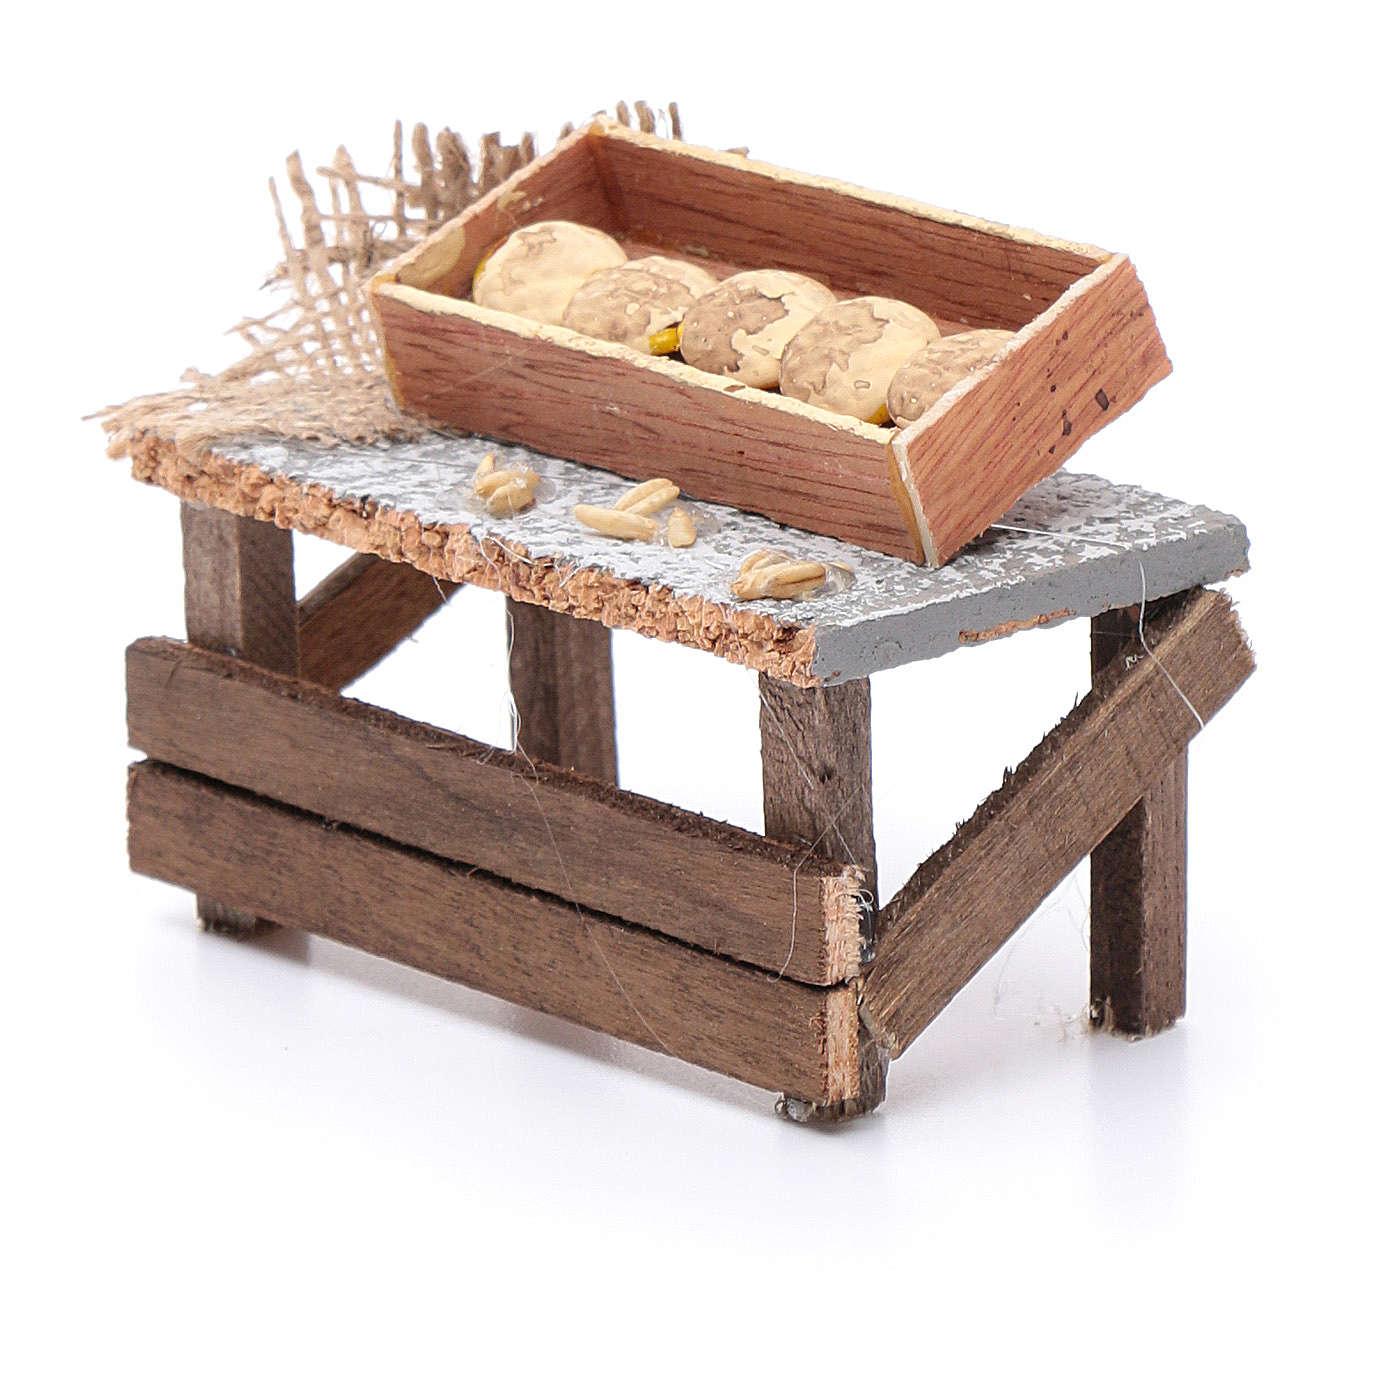 Banchetto forme di pane 10x10x5 cm per presepe 4